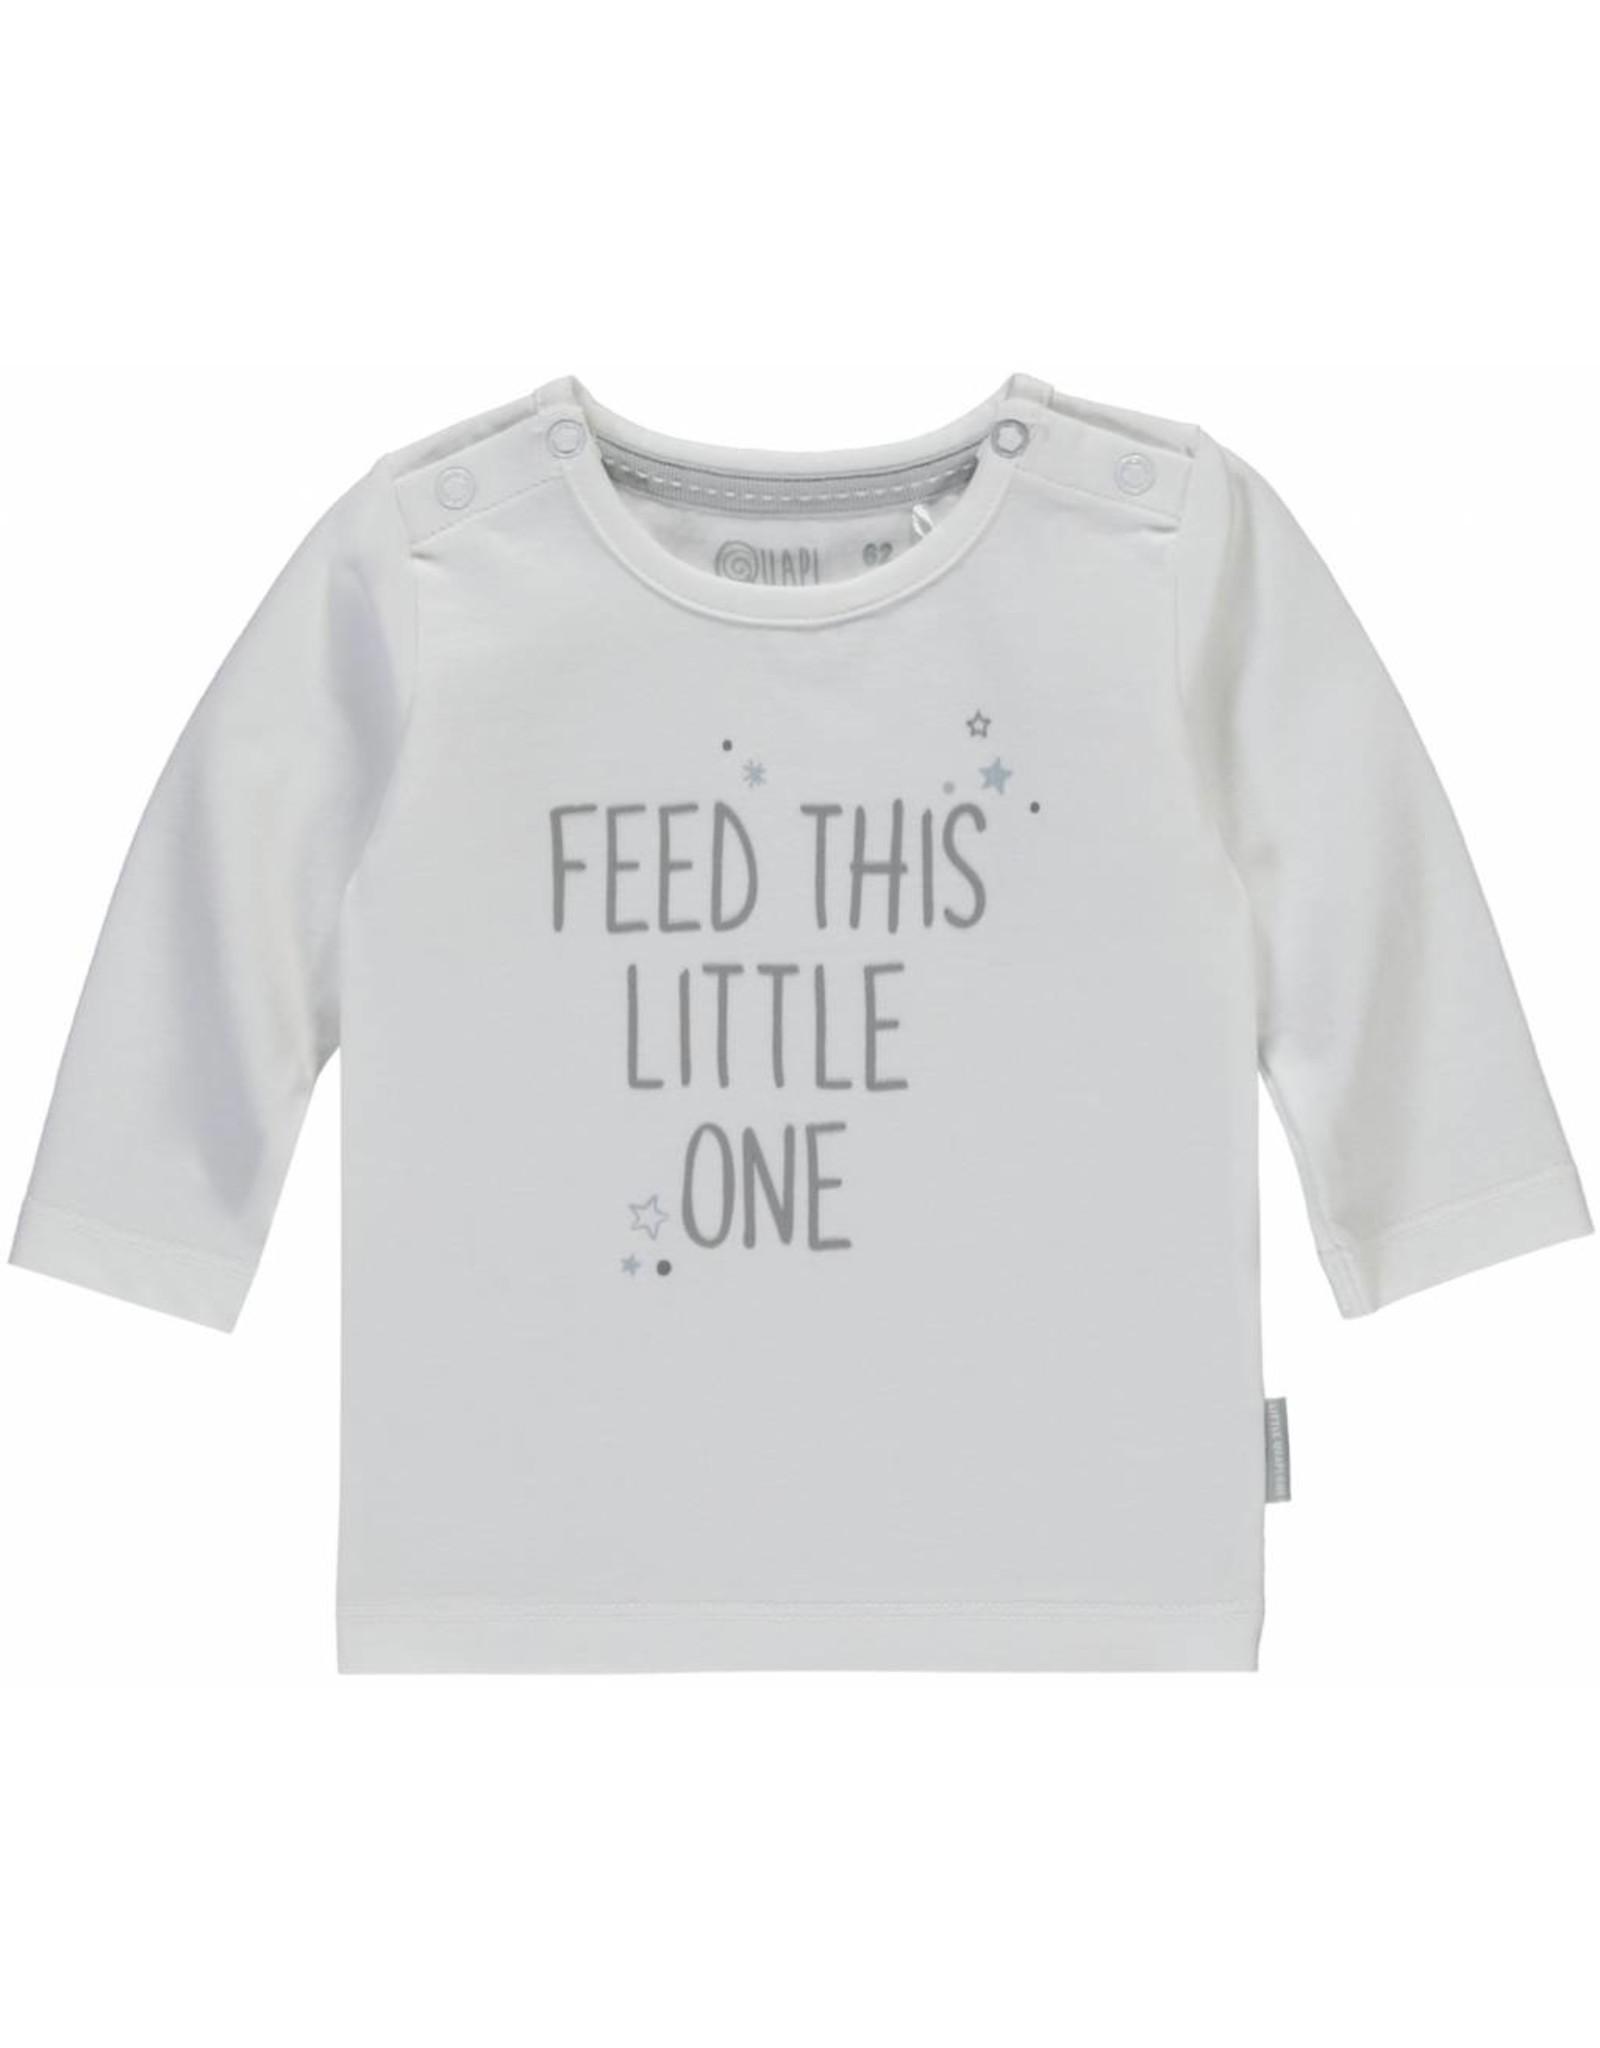 Quapi Quapi newborn unisex shirt ZADA W